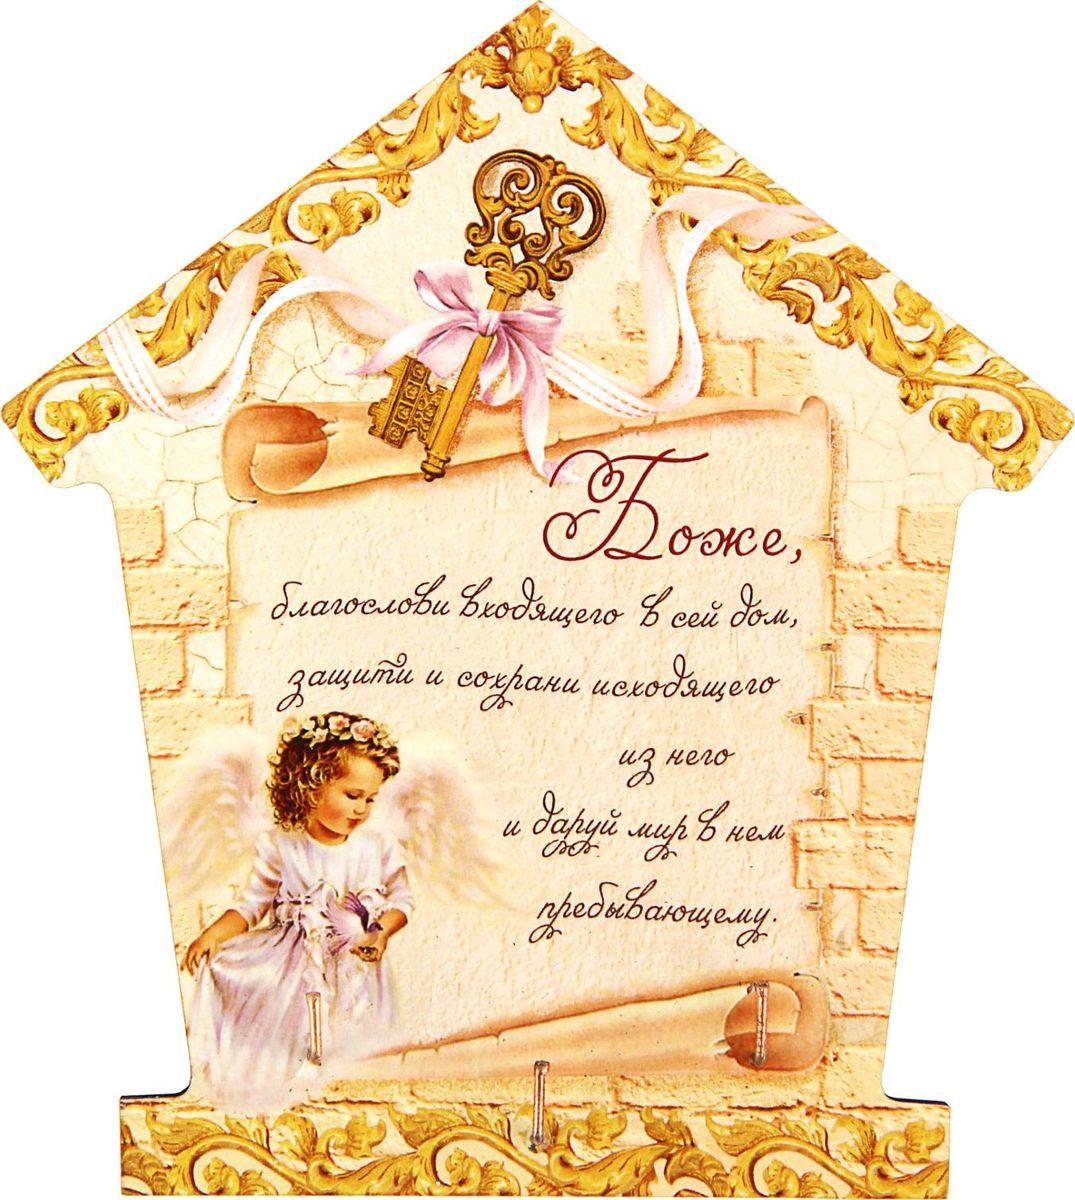 Ключница настенная Благословление дому, 14 х 14 х 1,5 см1560930Если каждый раз, выходя из дома, вы в очередной раз устраиваете поиск ключей, то вам необходимо специальное место для их хранения. — красивая деталь и полезное приобретение для дома. Повесьте её возле двери в прихожей. Деревянный аксессуар с цветной печатью по всей поверхности выполнен в форме домика. Имеет три надёжных металлических крючка золотистого цвета, на которых удобно разместятся ключи. Он легко впишется в любой интерьер, а надпись будет каждый раз вызывать улыбку у домочадцев и удивлять гостей.